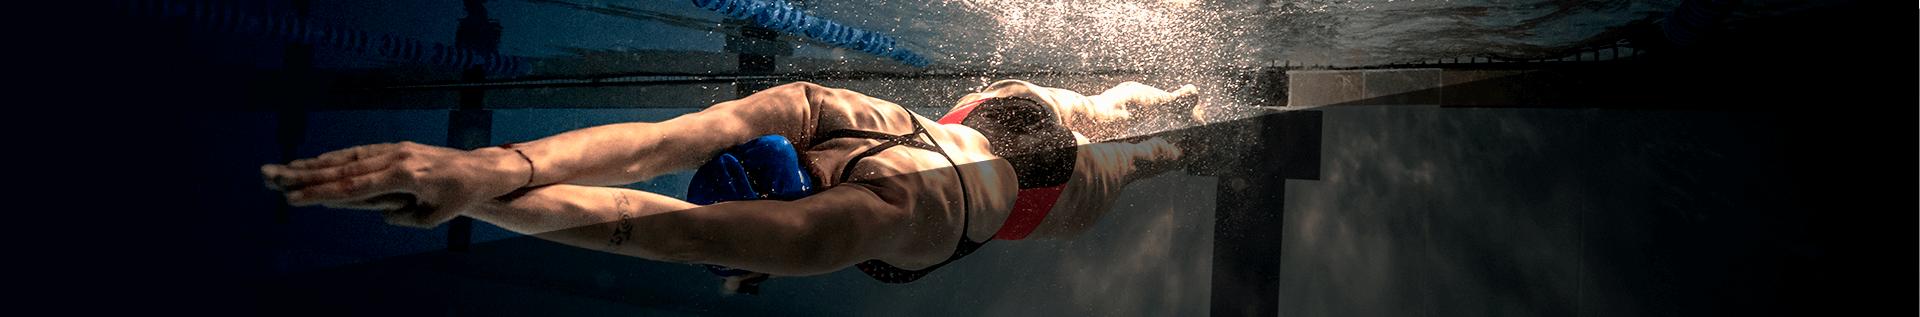 Спорядження для тренувань в басейні